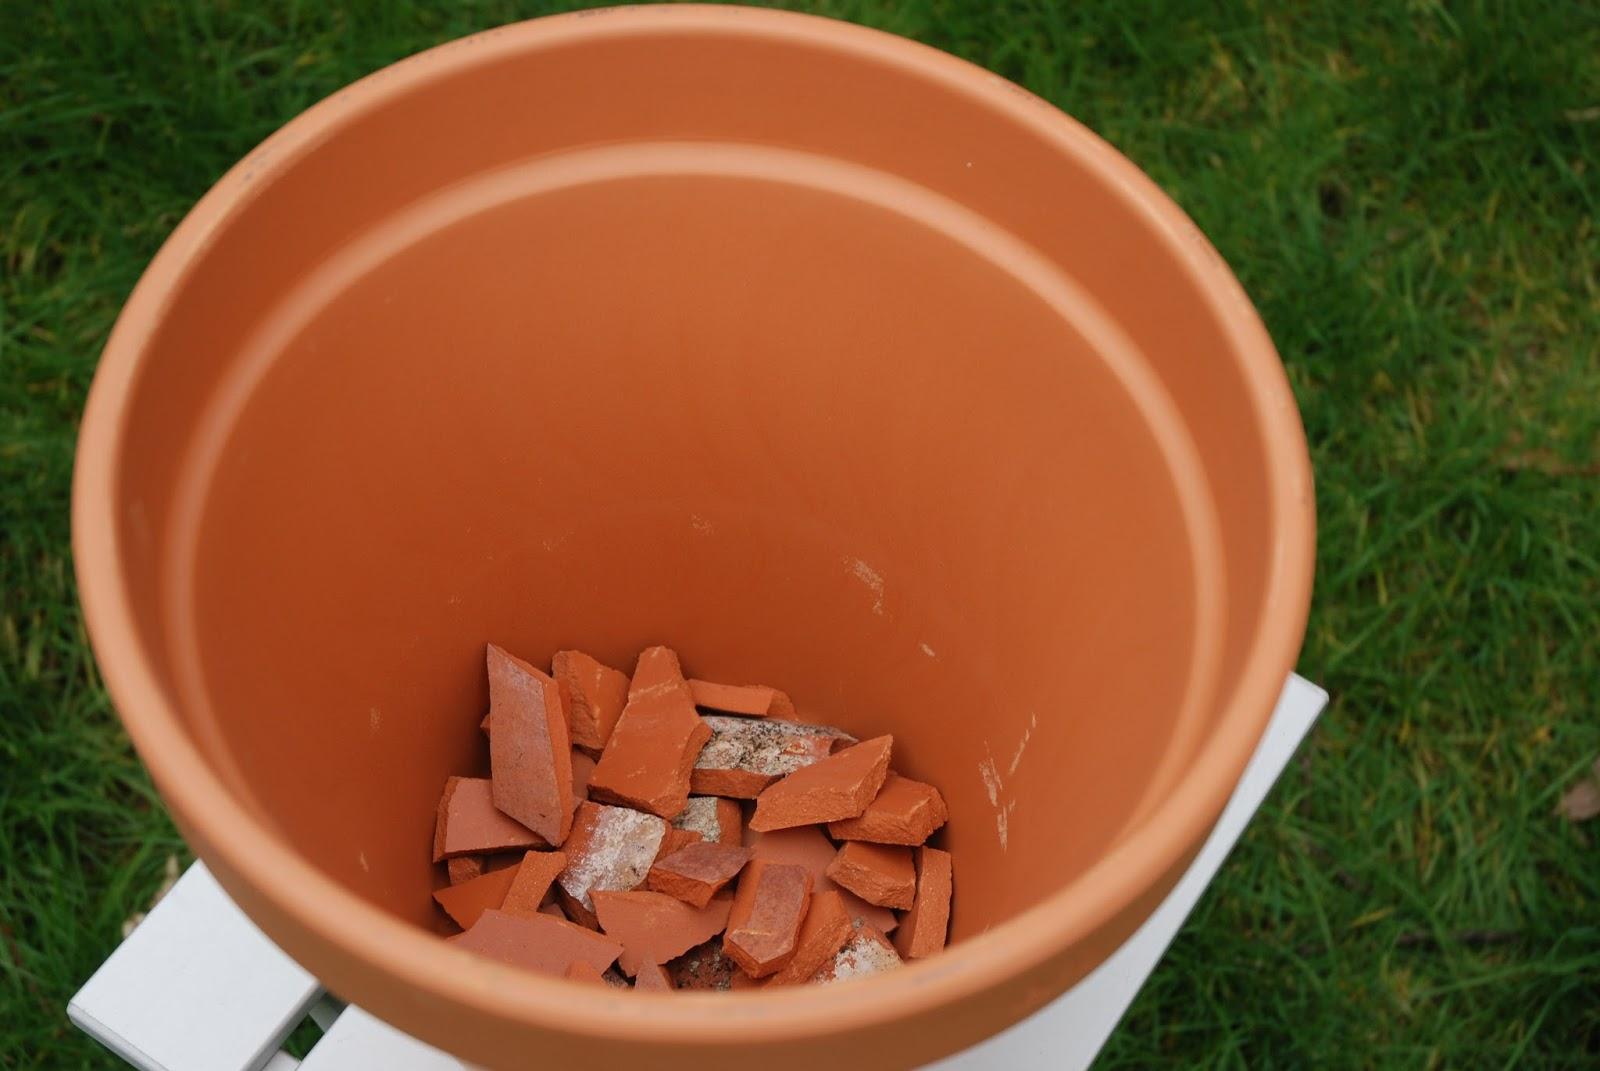 terrace gardening pot preparation for plants. Black Bedroom Furniture Sets. Home Design Ideas